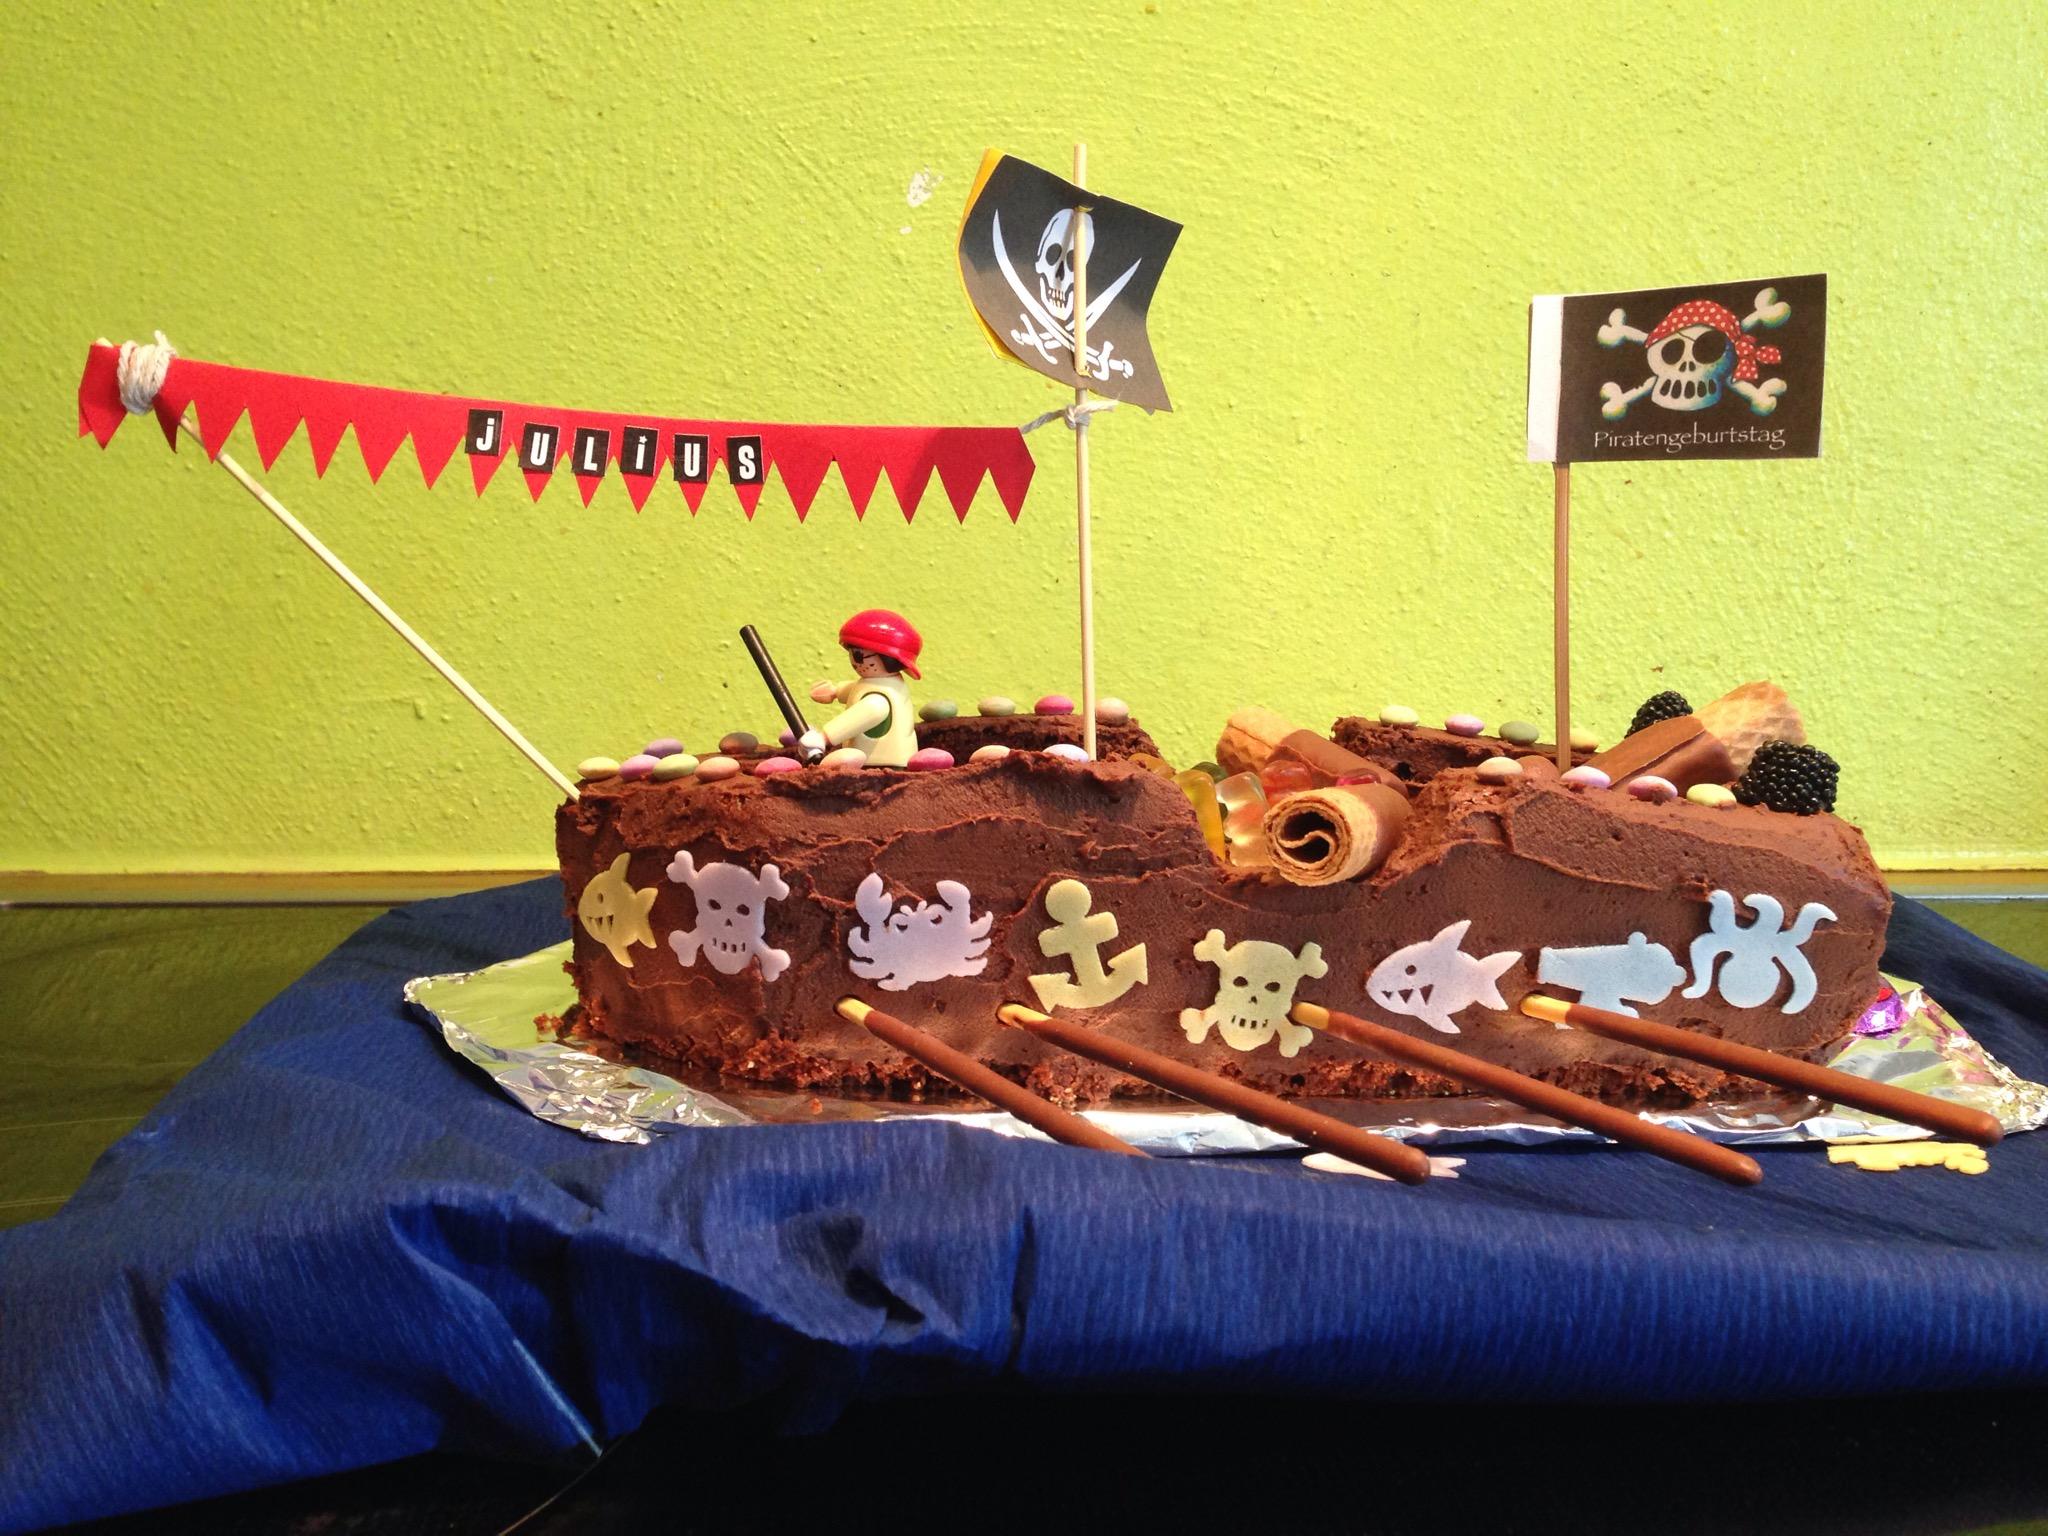 Julius Piratenschiff Geburtstagskuchen